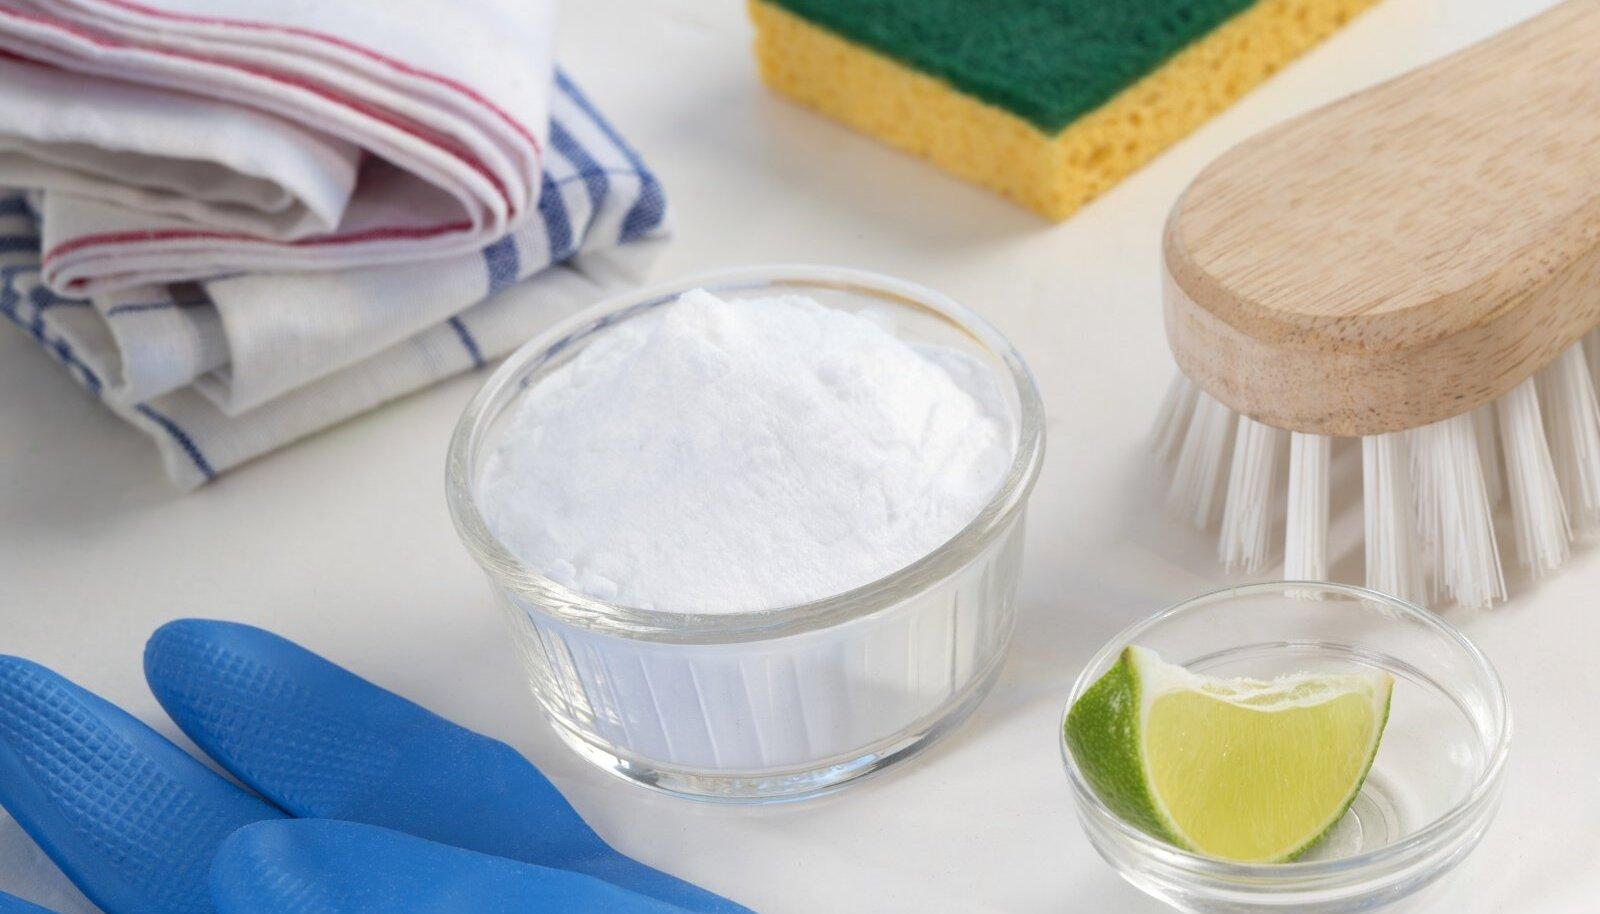 Sooda, sidrunimahl ja äädikas on koduses majapidamises asendamatud vahendid.